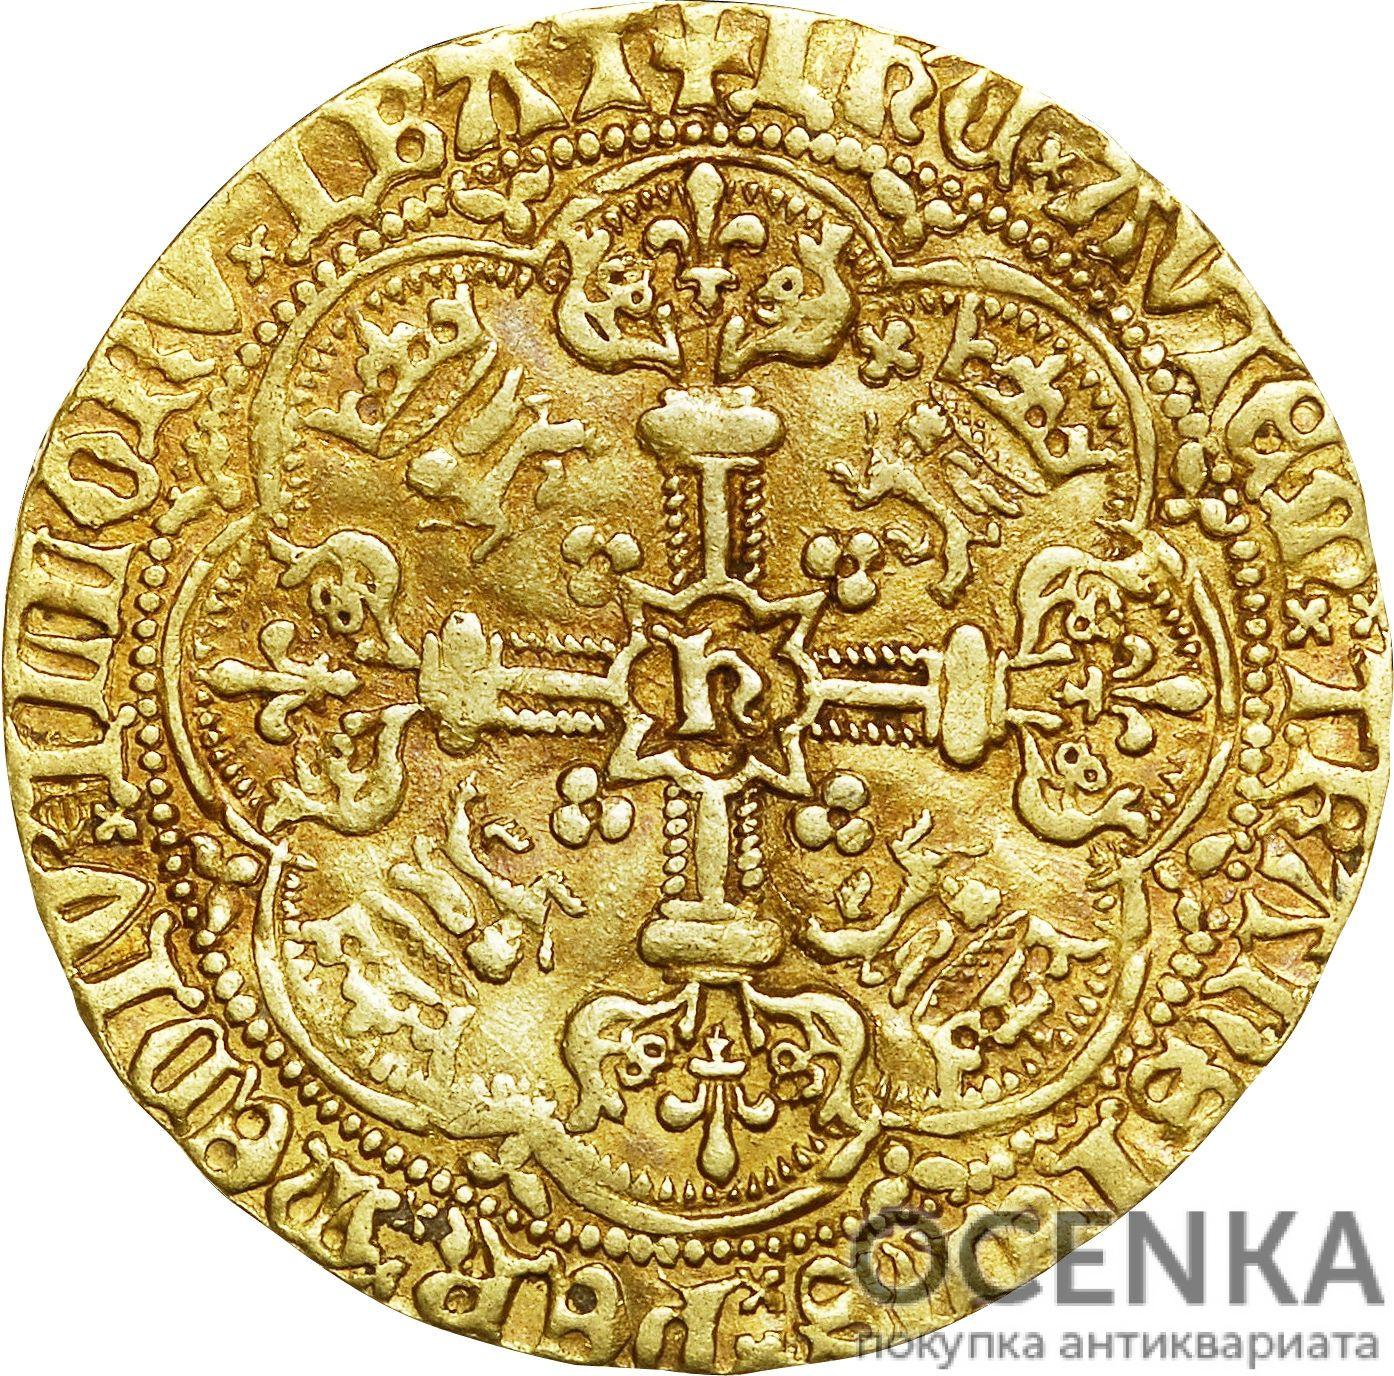 Золотая монета 1 Noble (нобль) Великобритания - 7